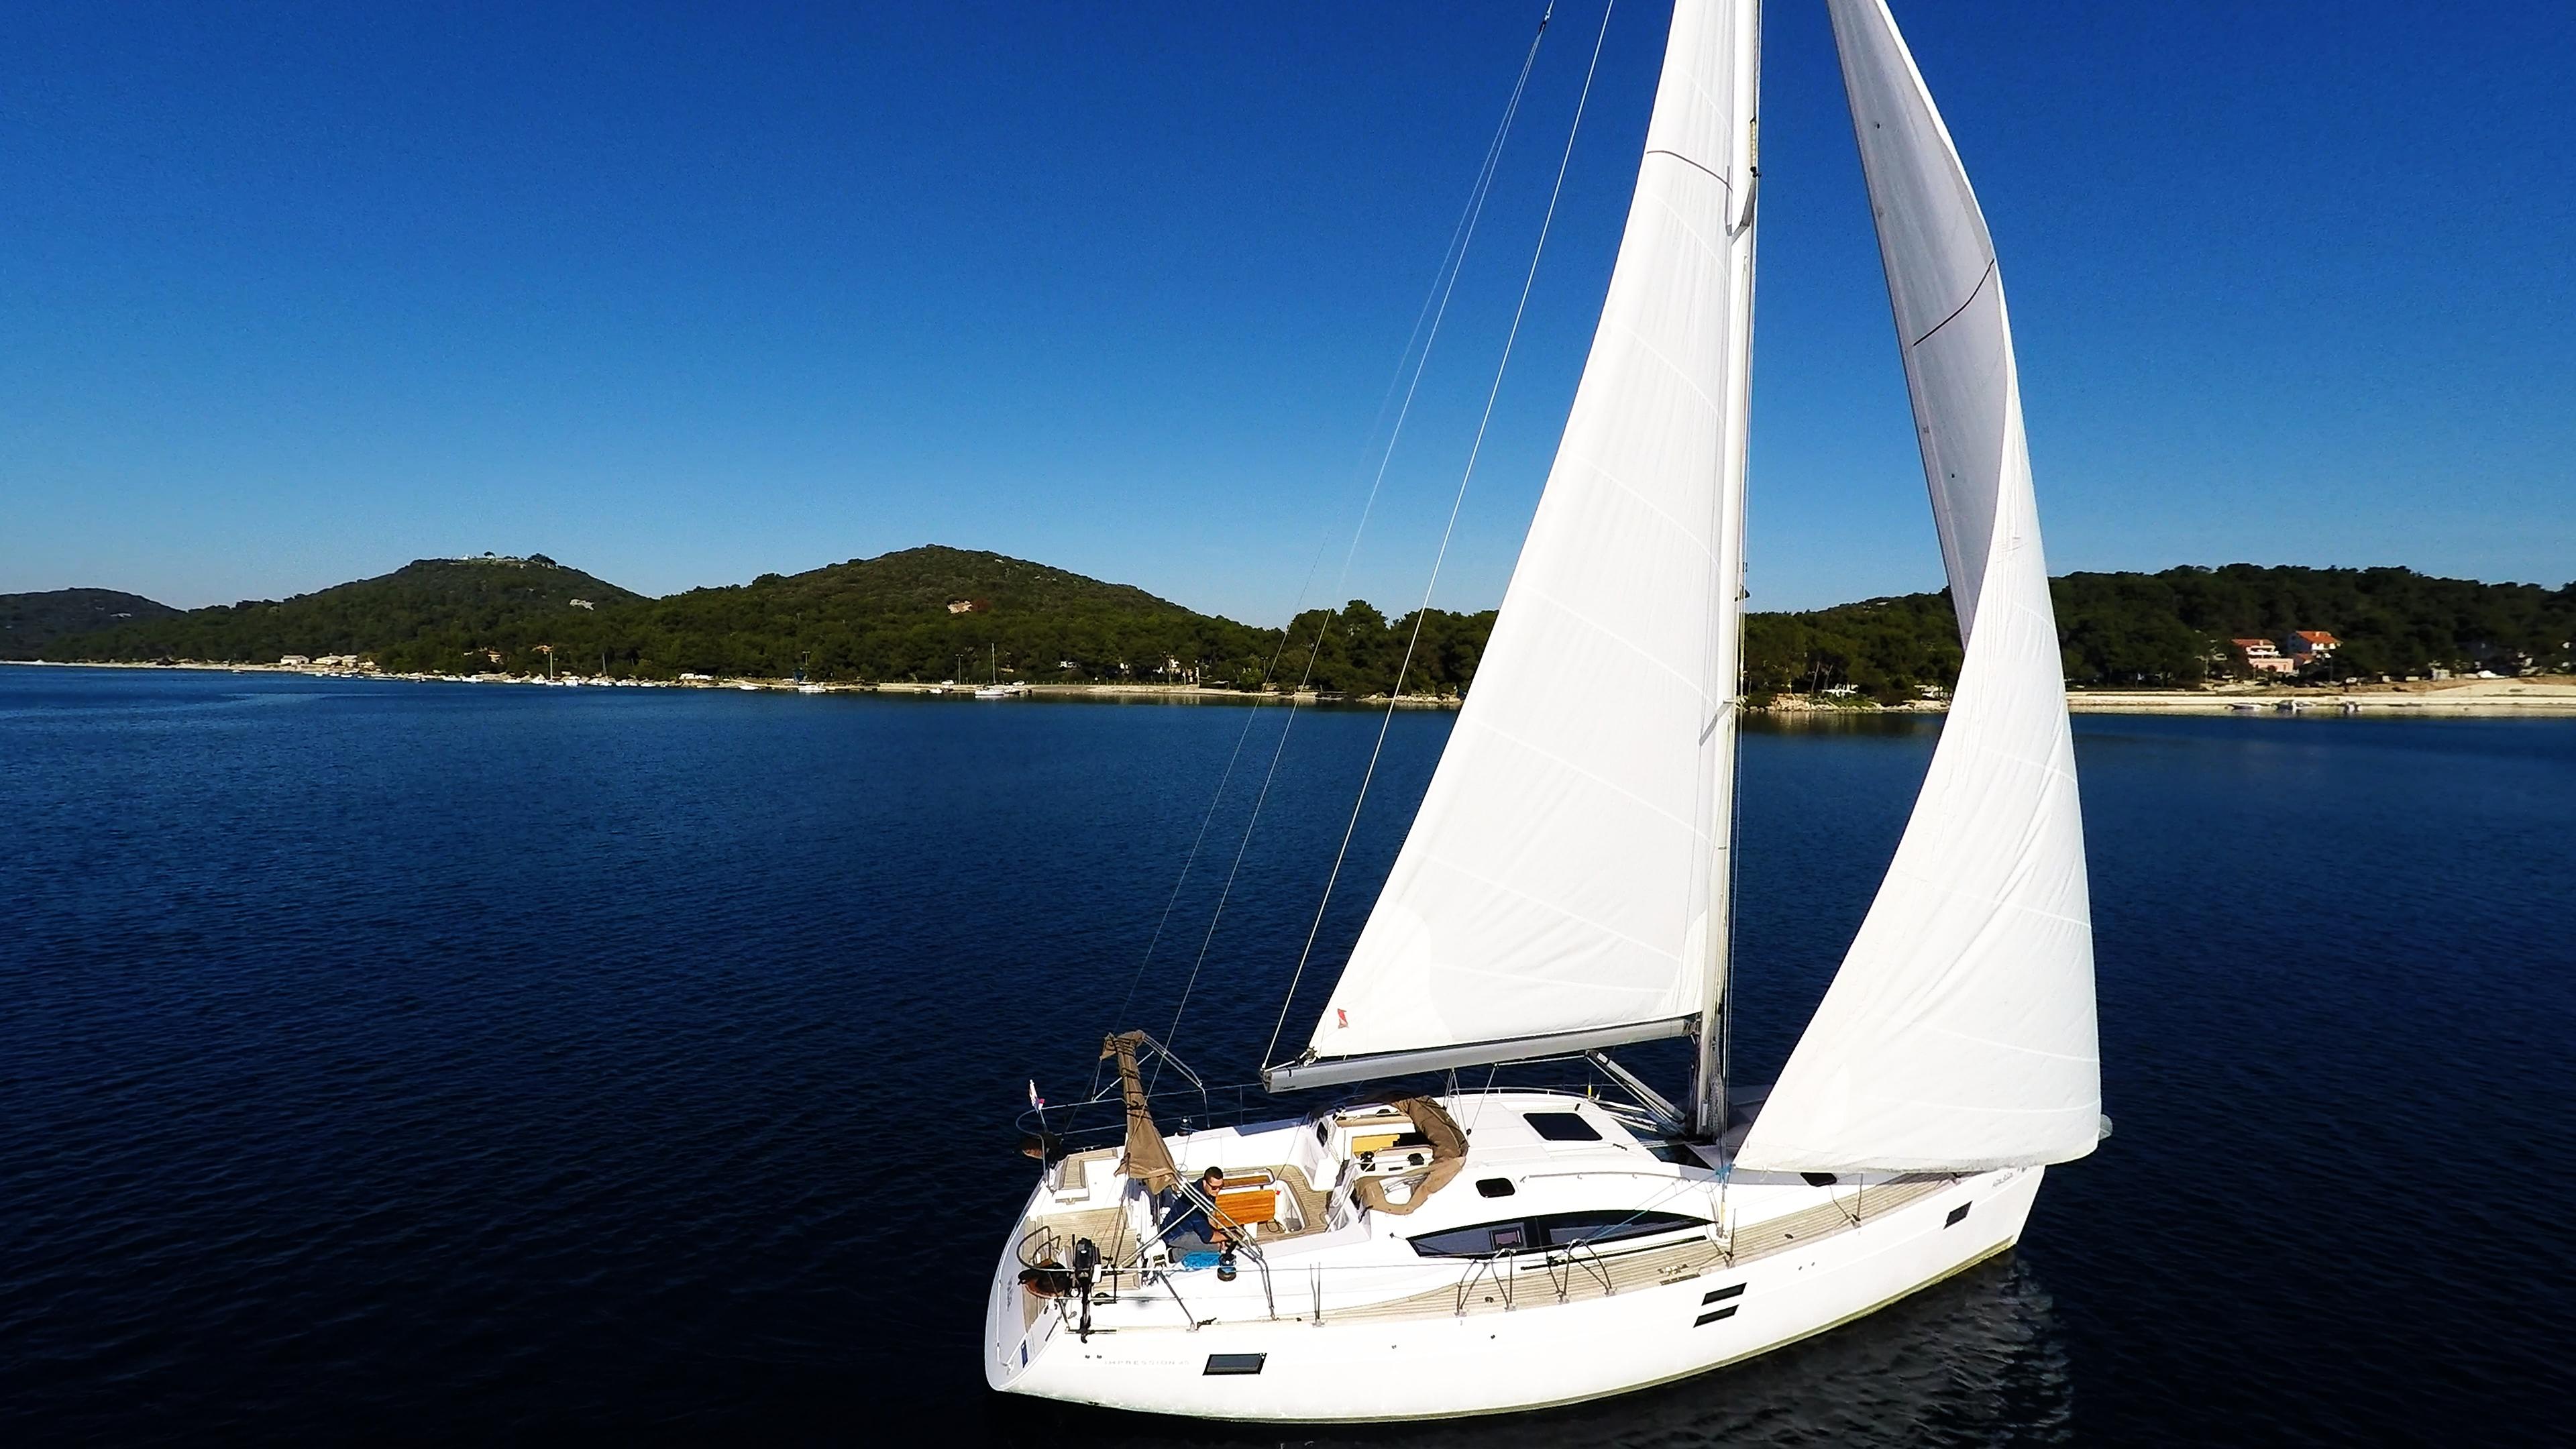 bateau à voile mer bleue ciel voilier elan 45 impression voiles de voilier